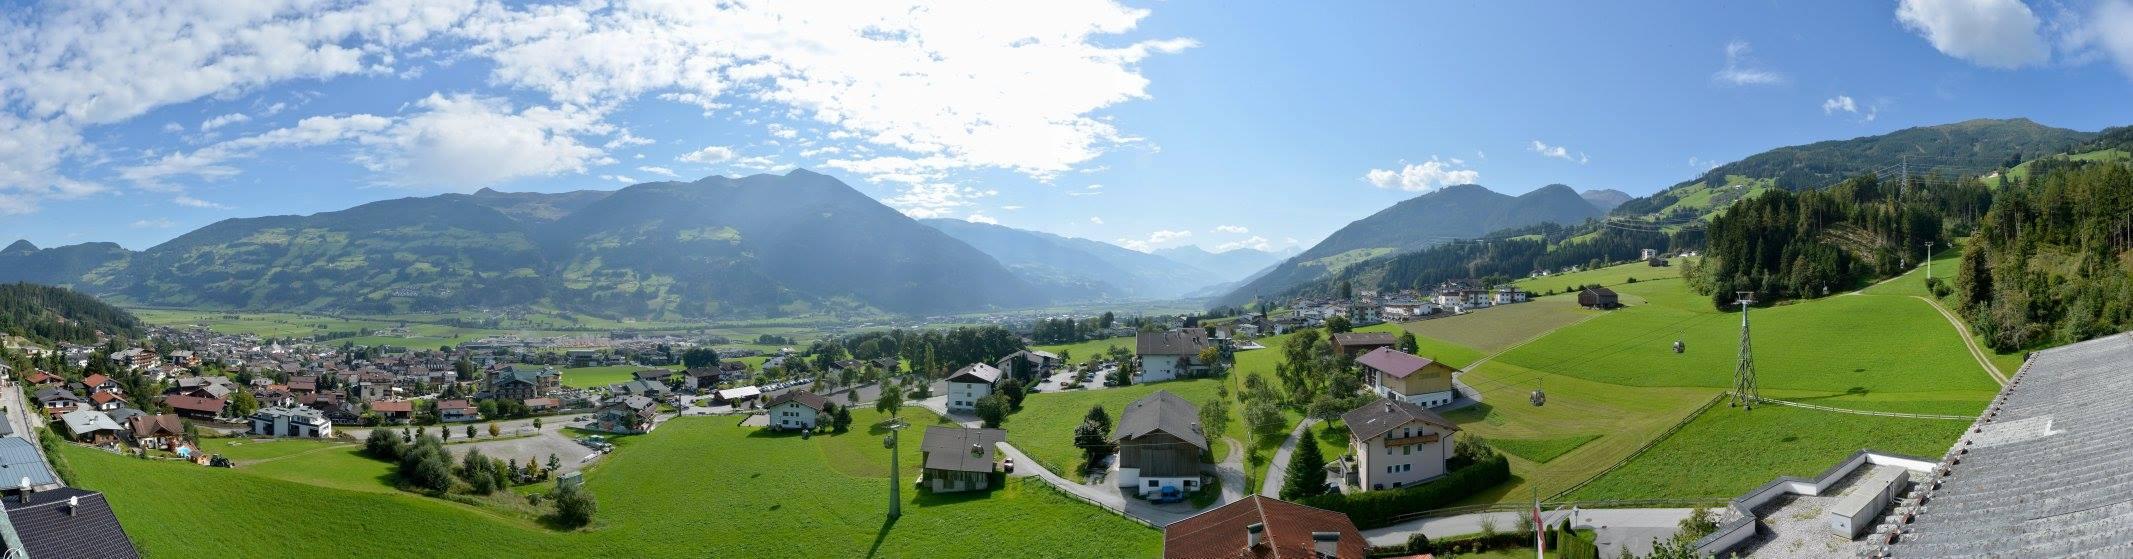 """Wenn es schon mit der Musik und mir im Zillertal werden würde, blieb mir immer noch die Natur und das Panorama vom """"Hotel Waldfriede"""" aus..."""